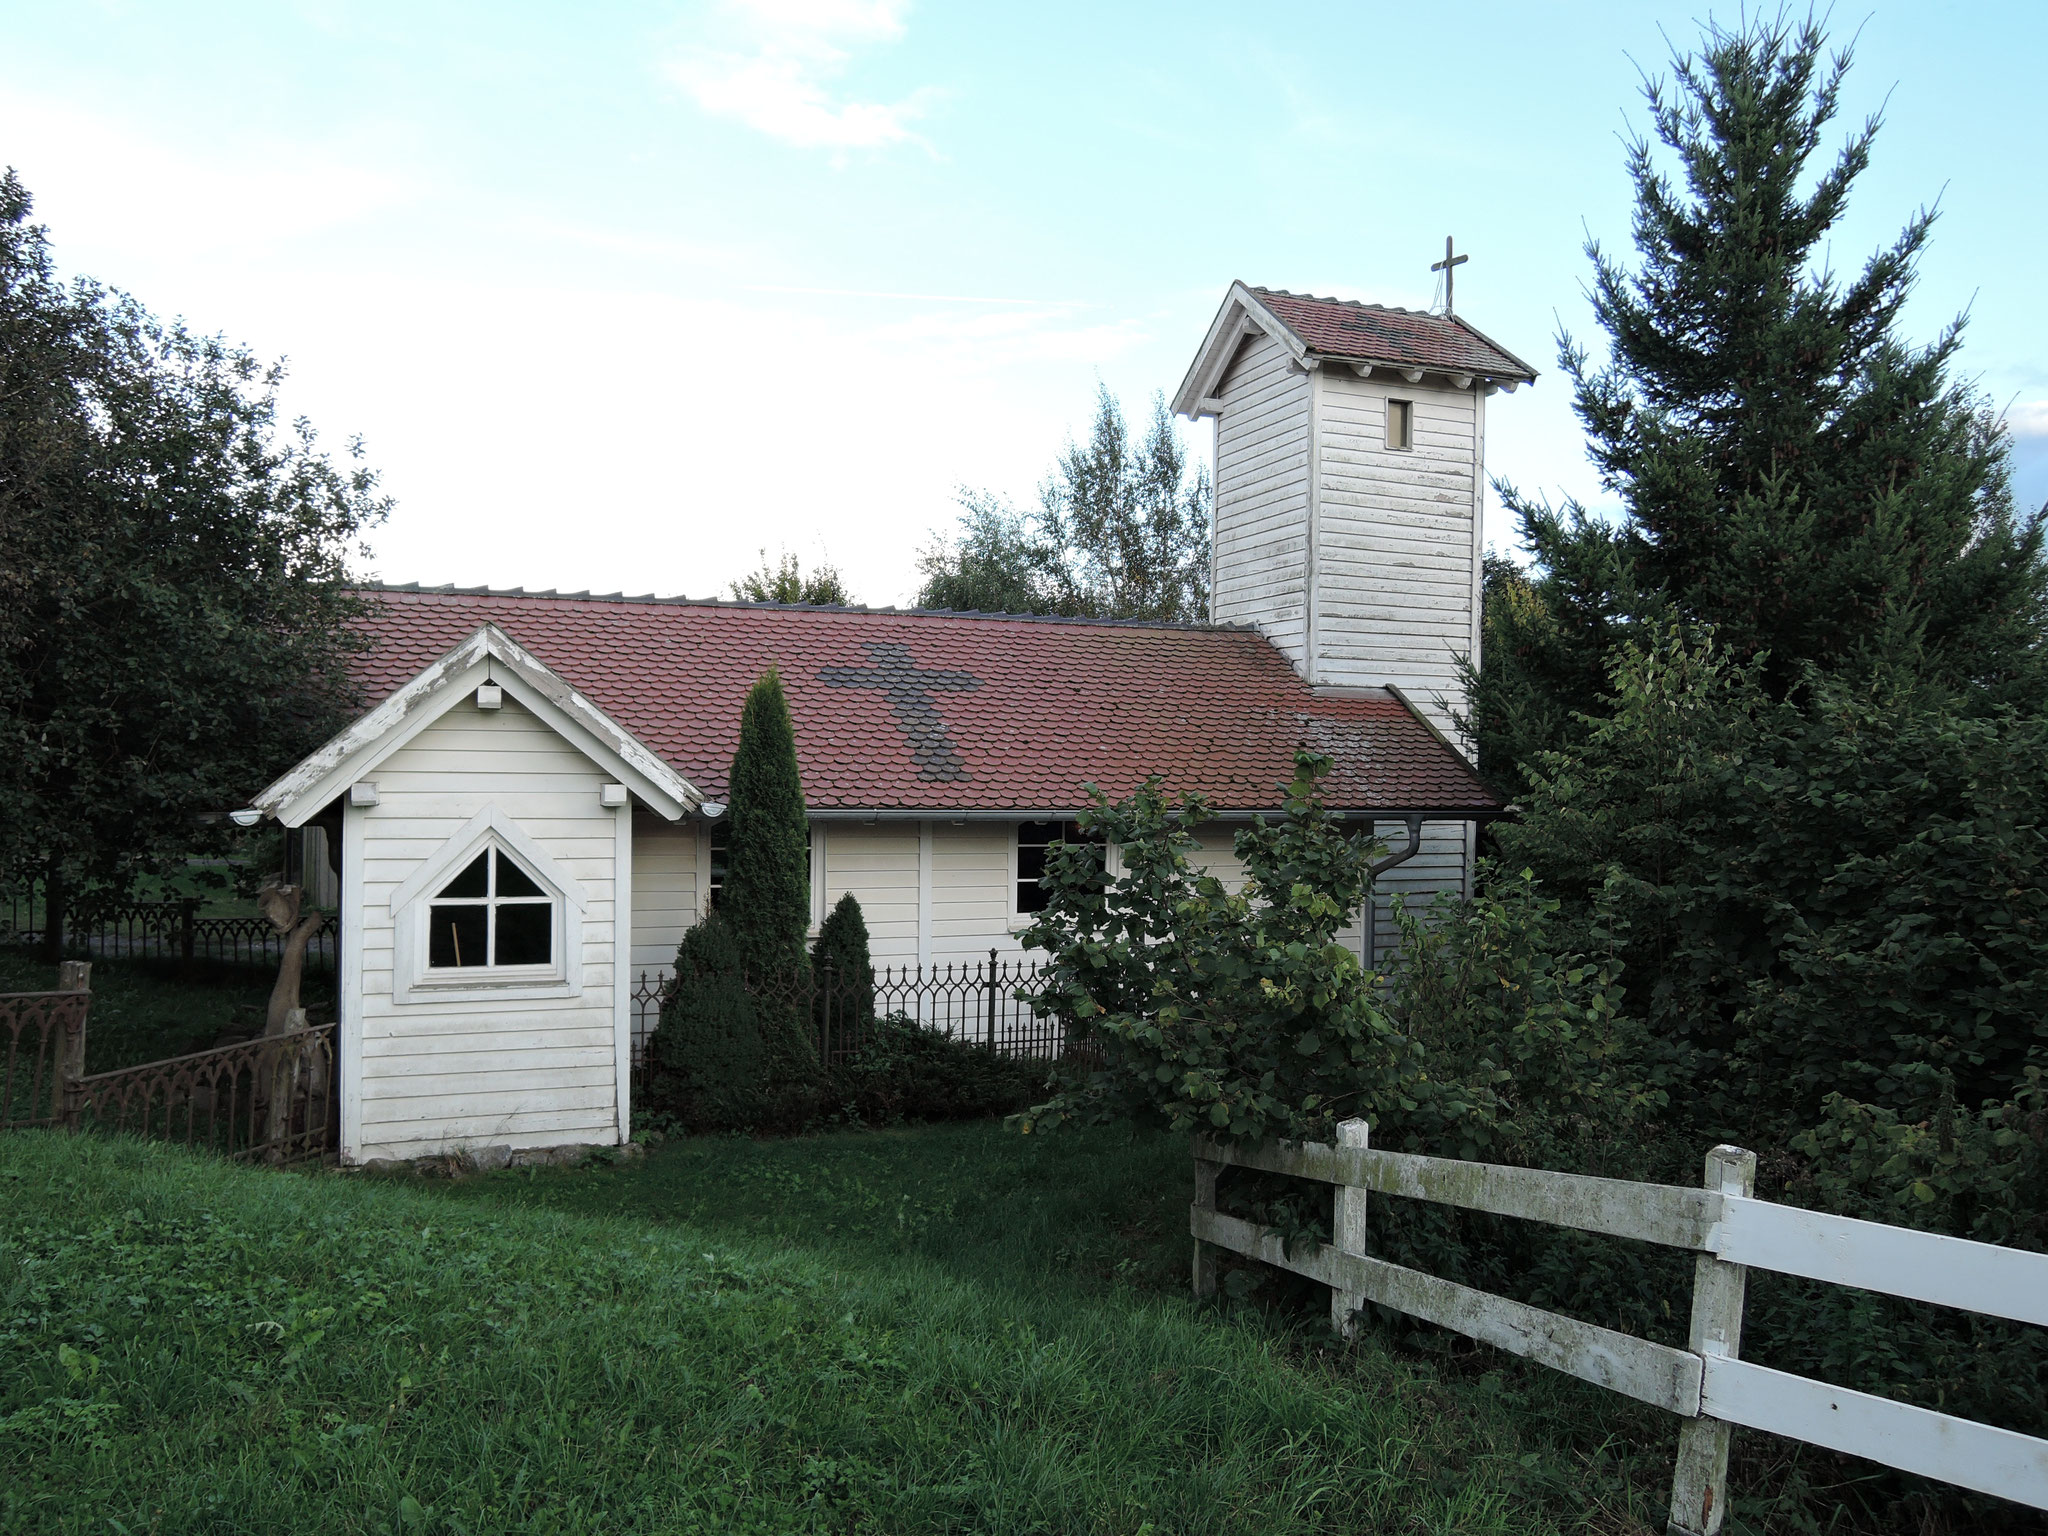 Pullmann city church